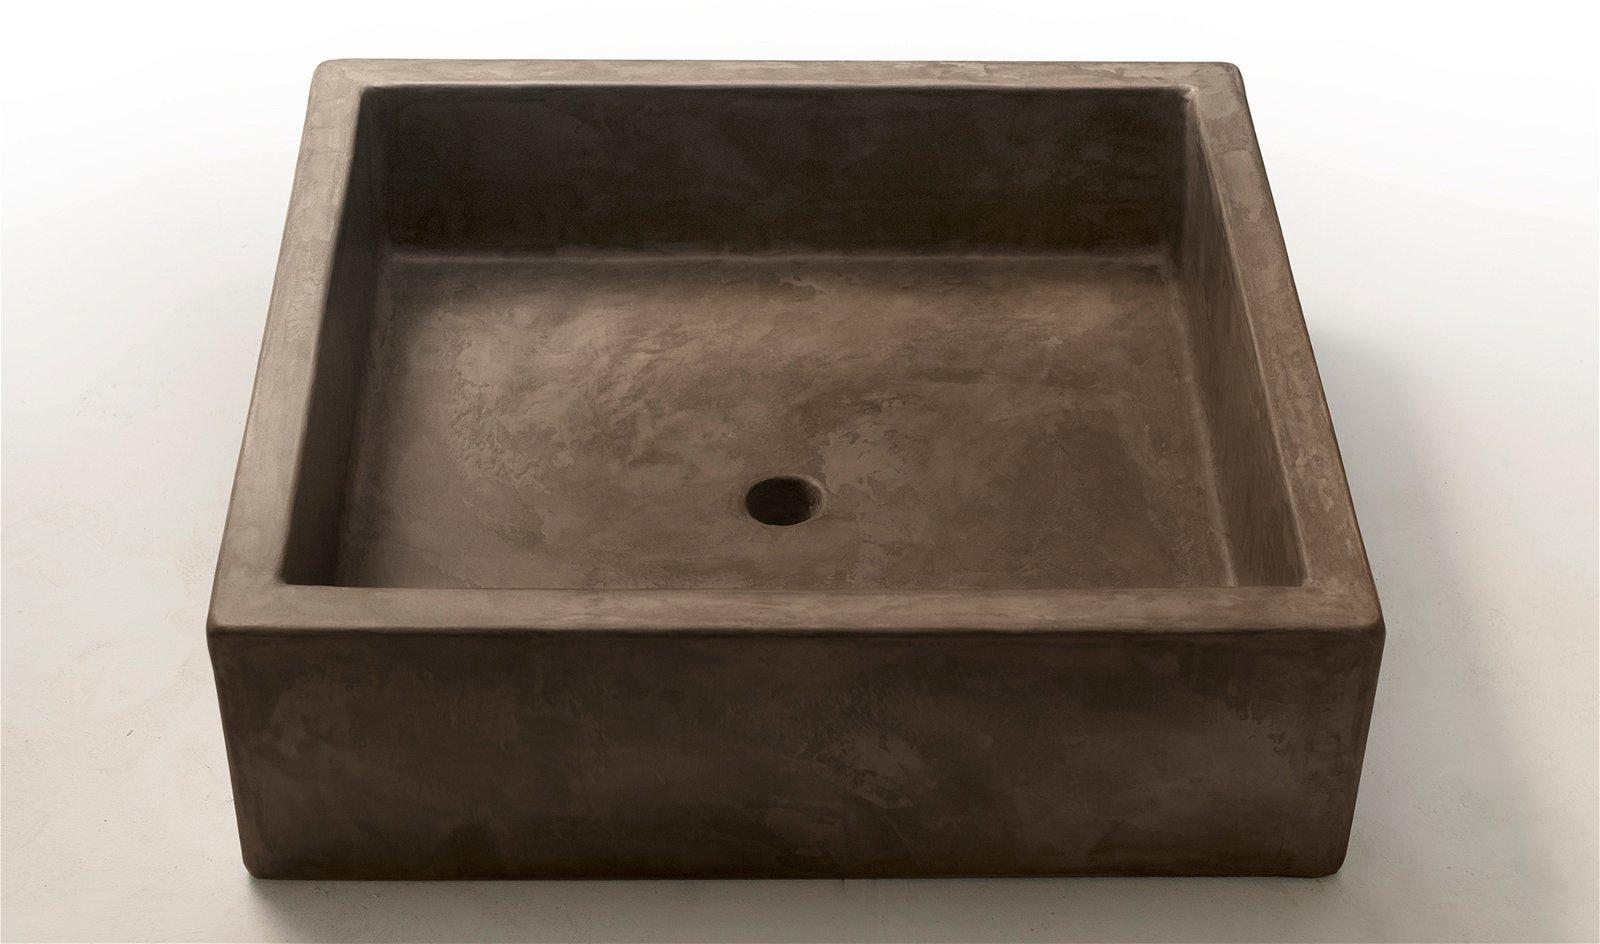 Lavabo microcemento Kubic